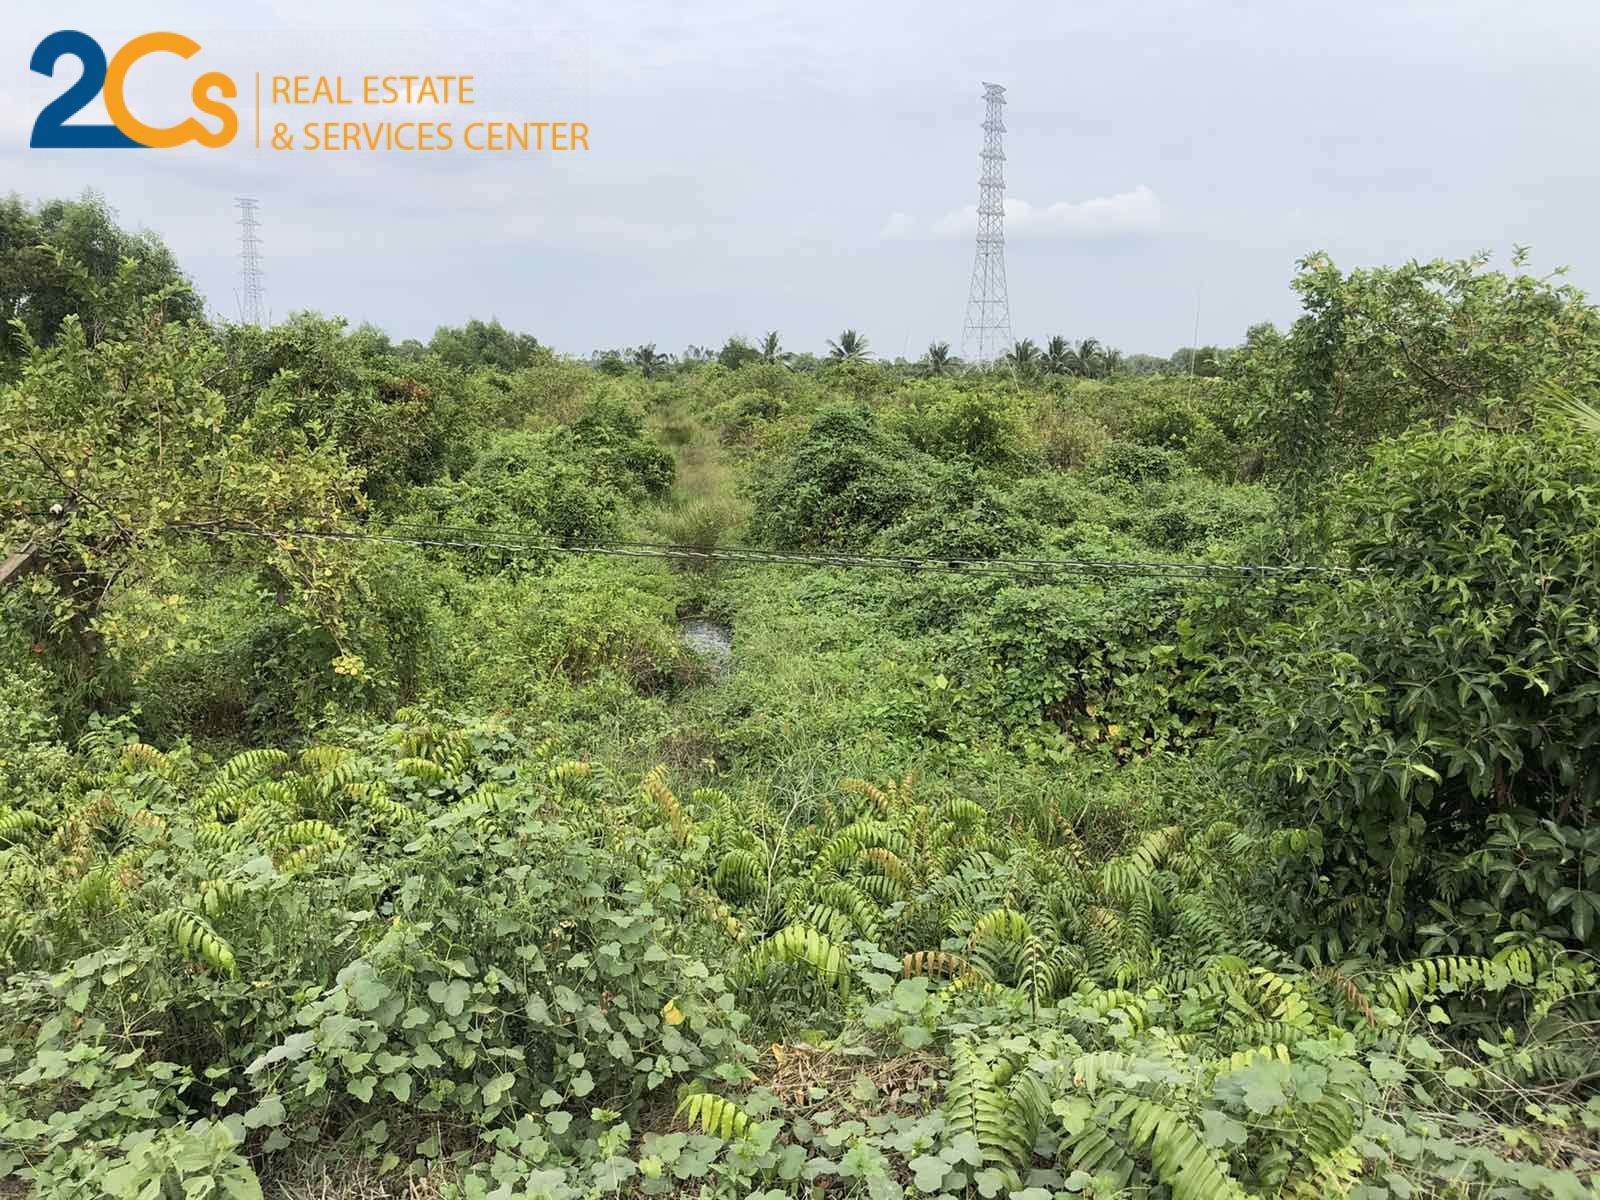 Cần bán gấp lô đất tại xã Thạnh Hòa, Huyện Bến Lức, Tỉnh Long An Diện tích: 23219.9m2 Giá bán : 9,7 tỷ (chỉ khoảng 420.000vnd/m2)